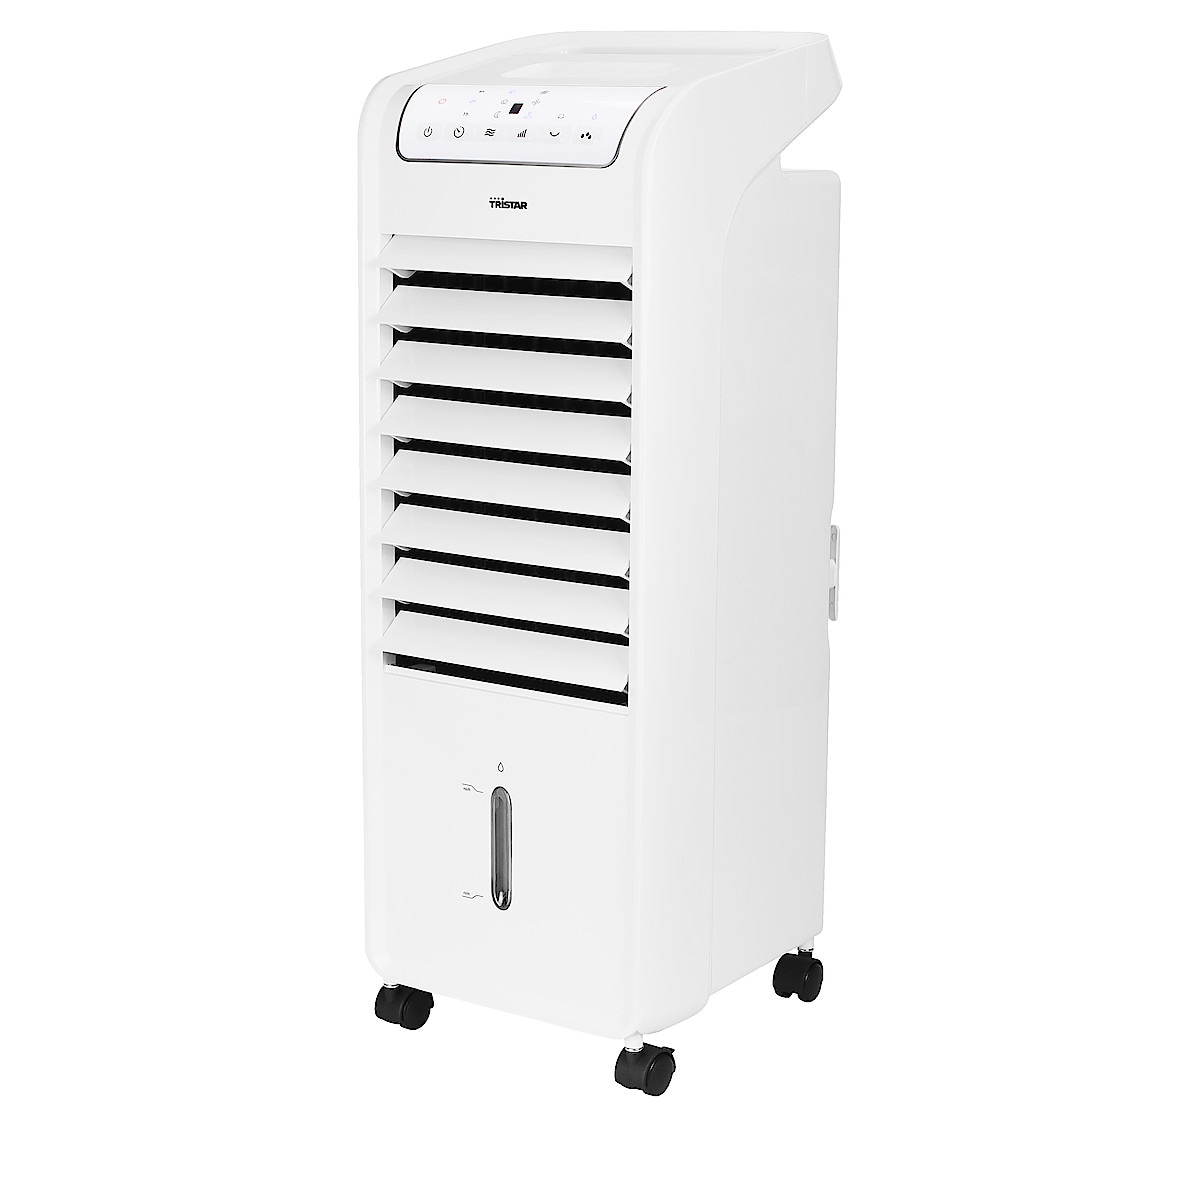 Tristar AT-5451 Air Cooler, vifte med luftkjøling